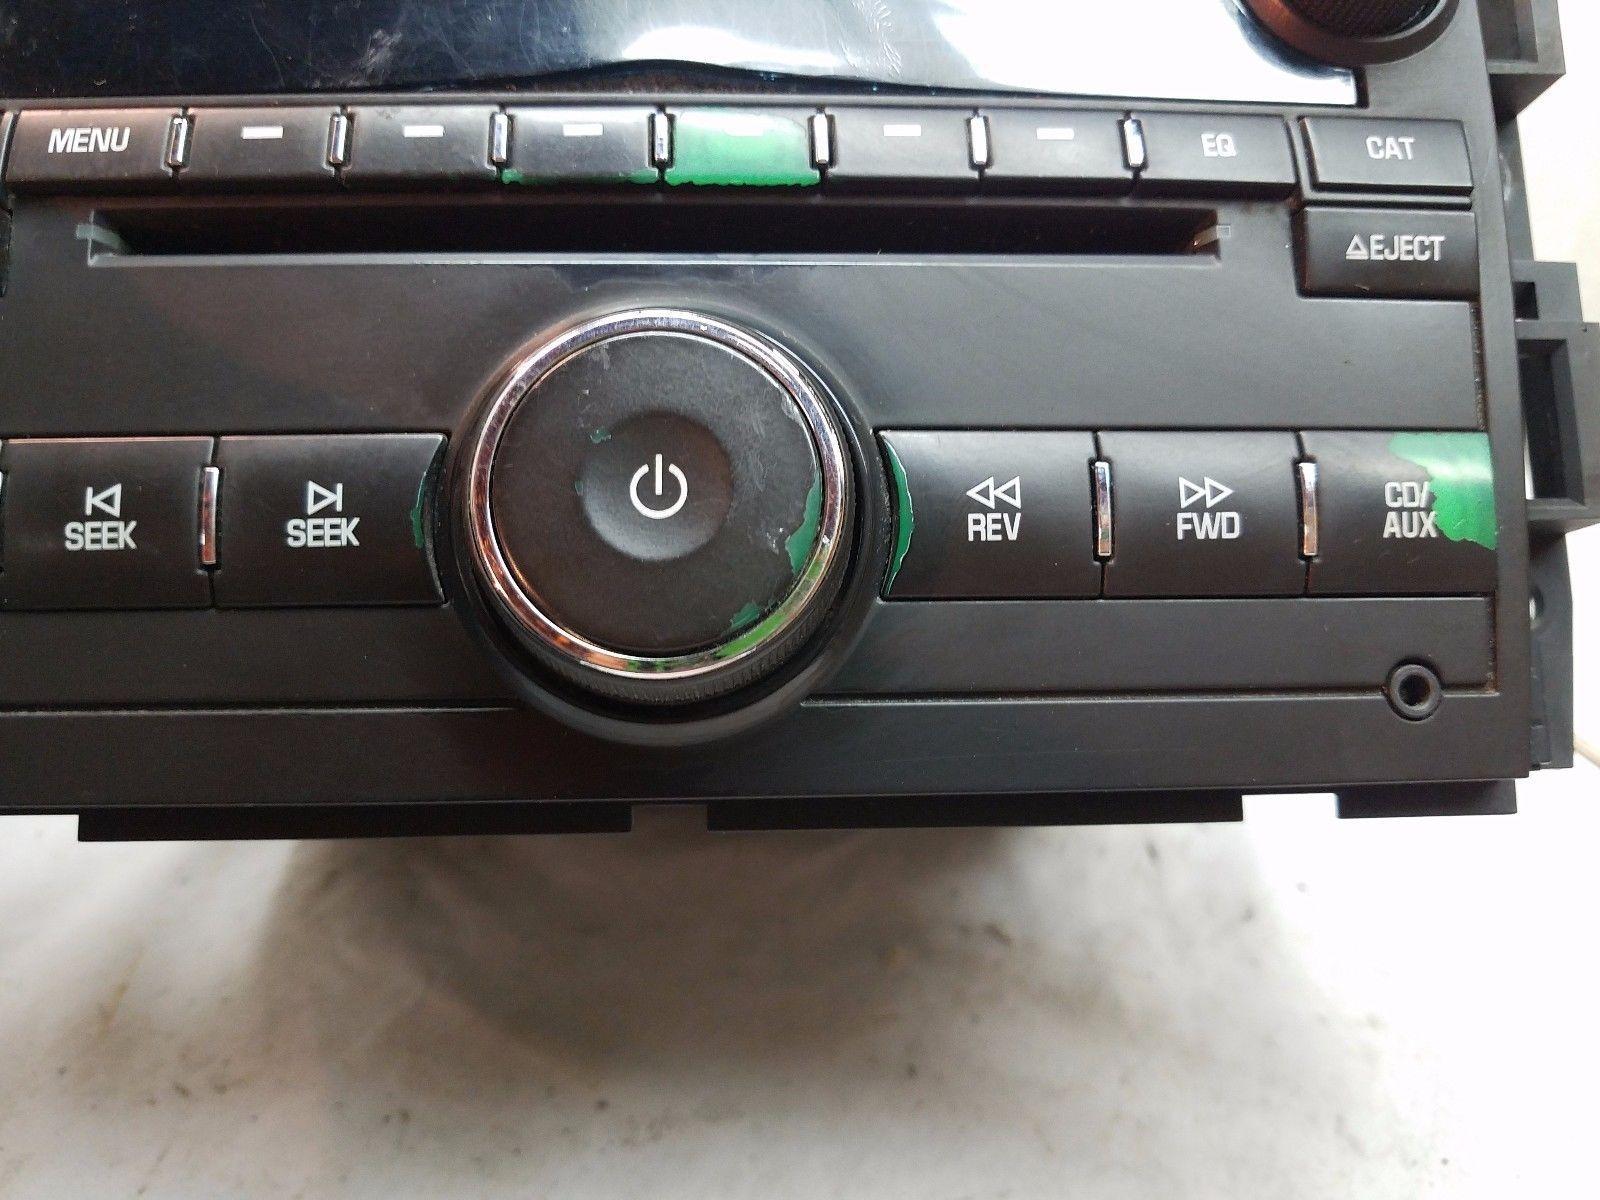 07-11 Chevrolet GMC Silverado Sierra Tahoe Yukon Radio CD Player 25782841 RLQ685